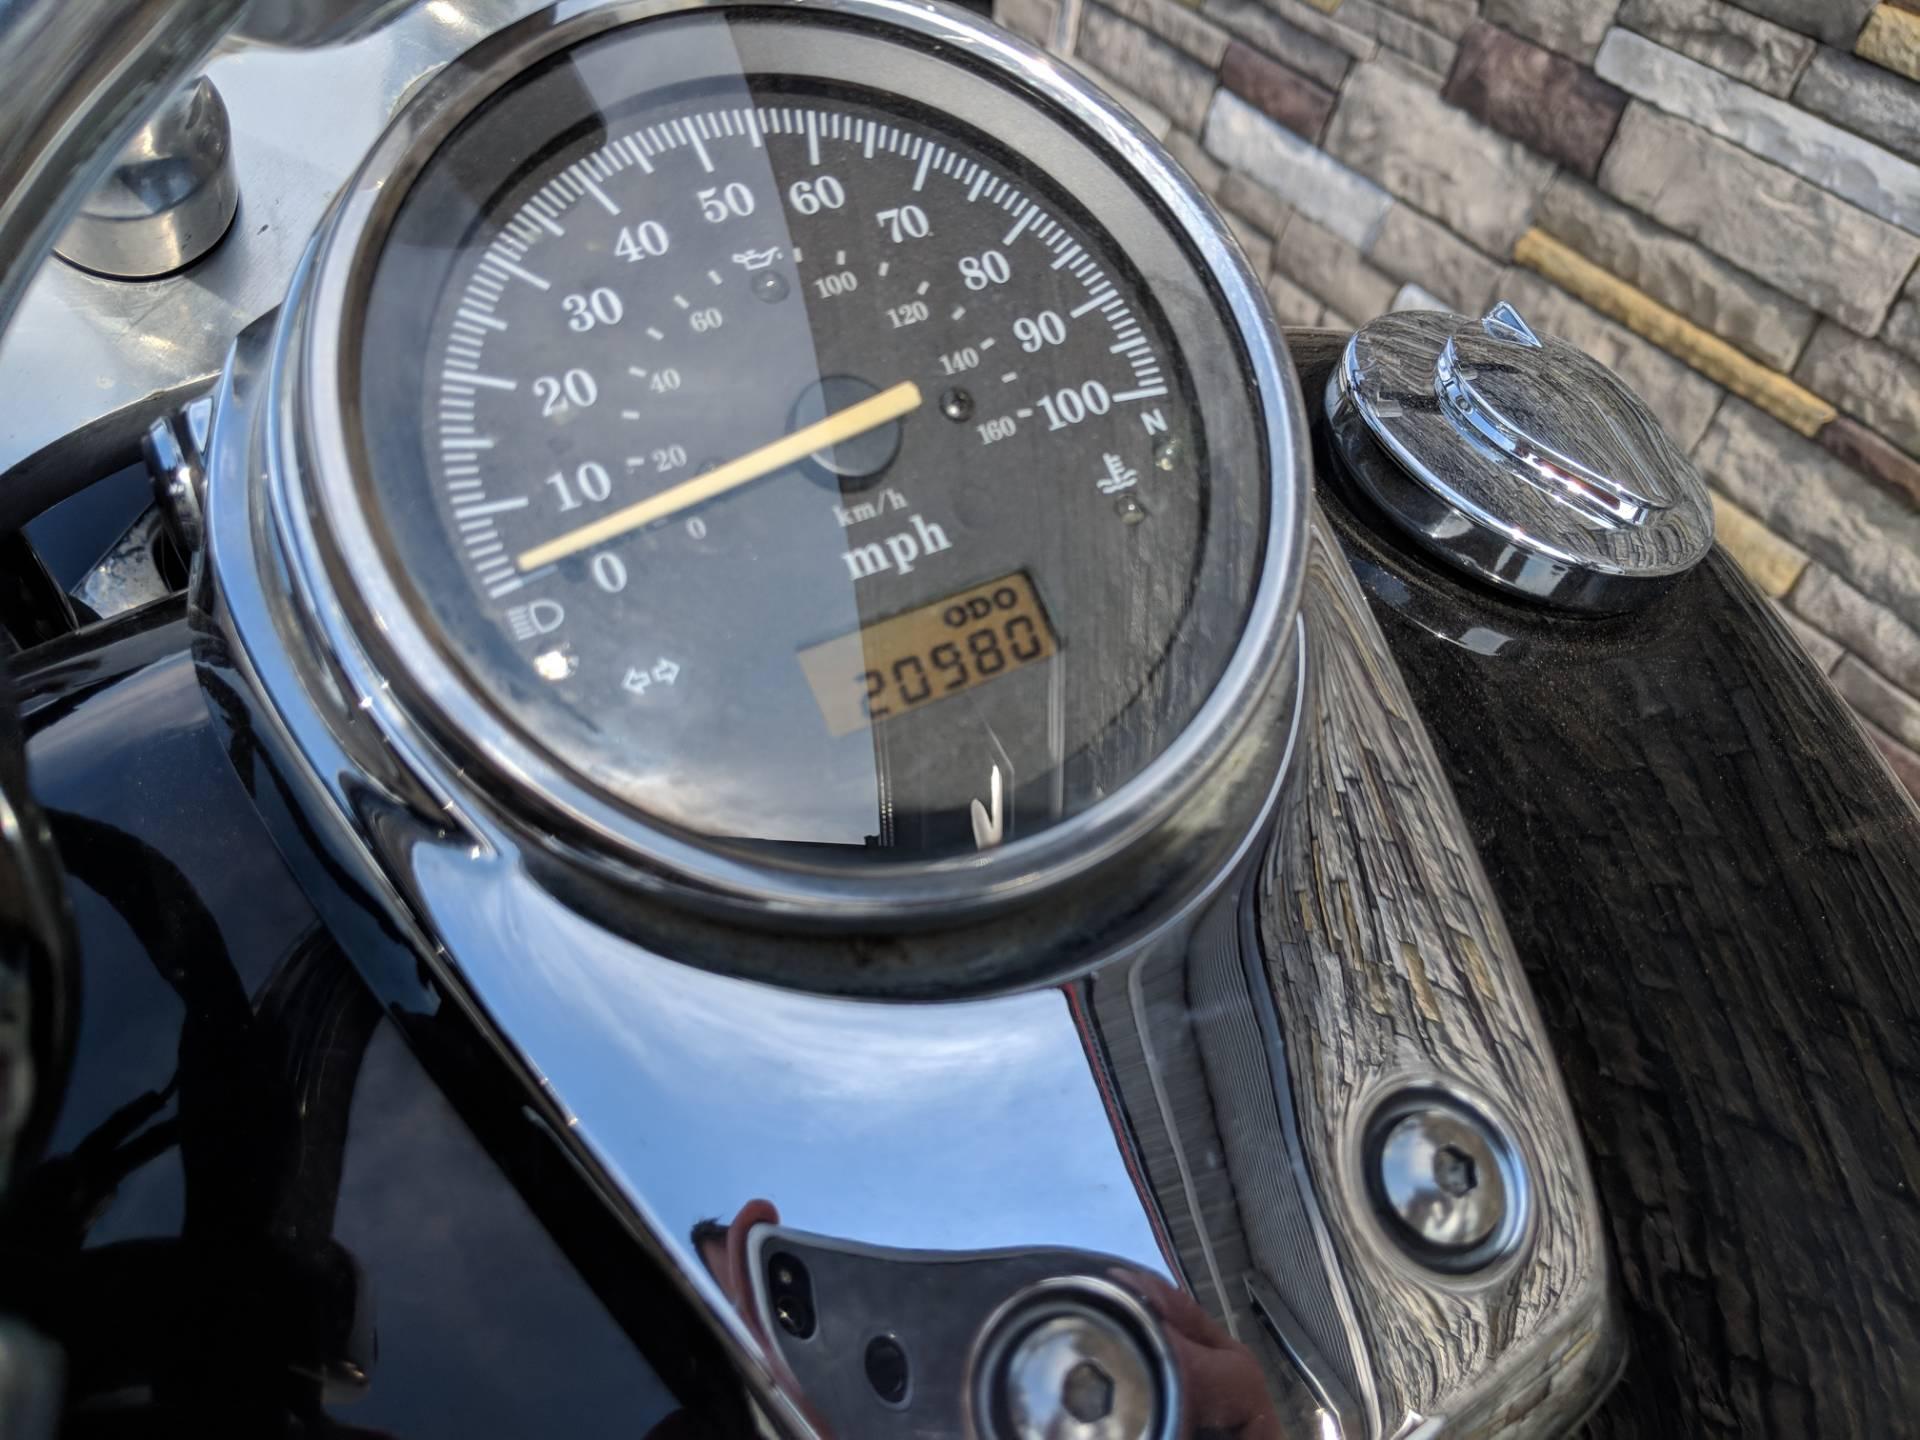 2001 Honda Shadow Spirit 750 12